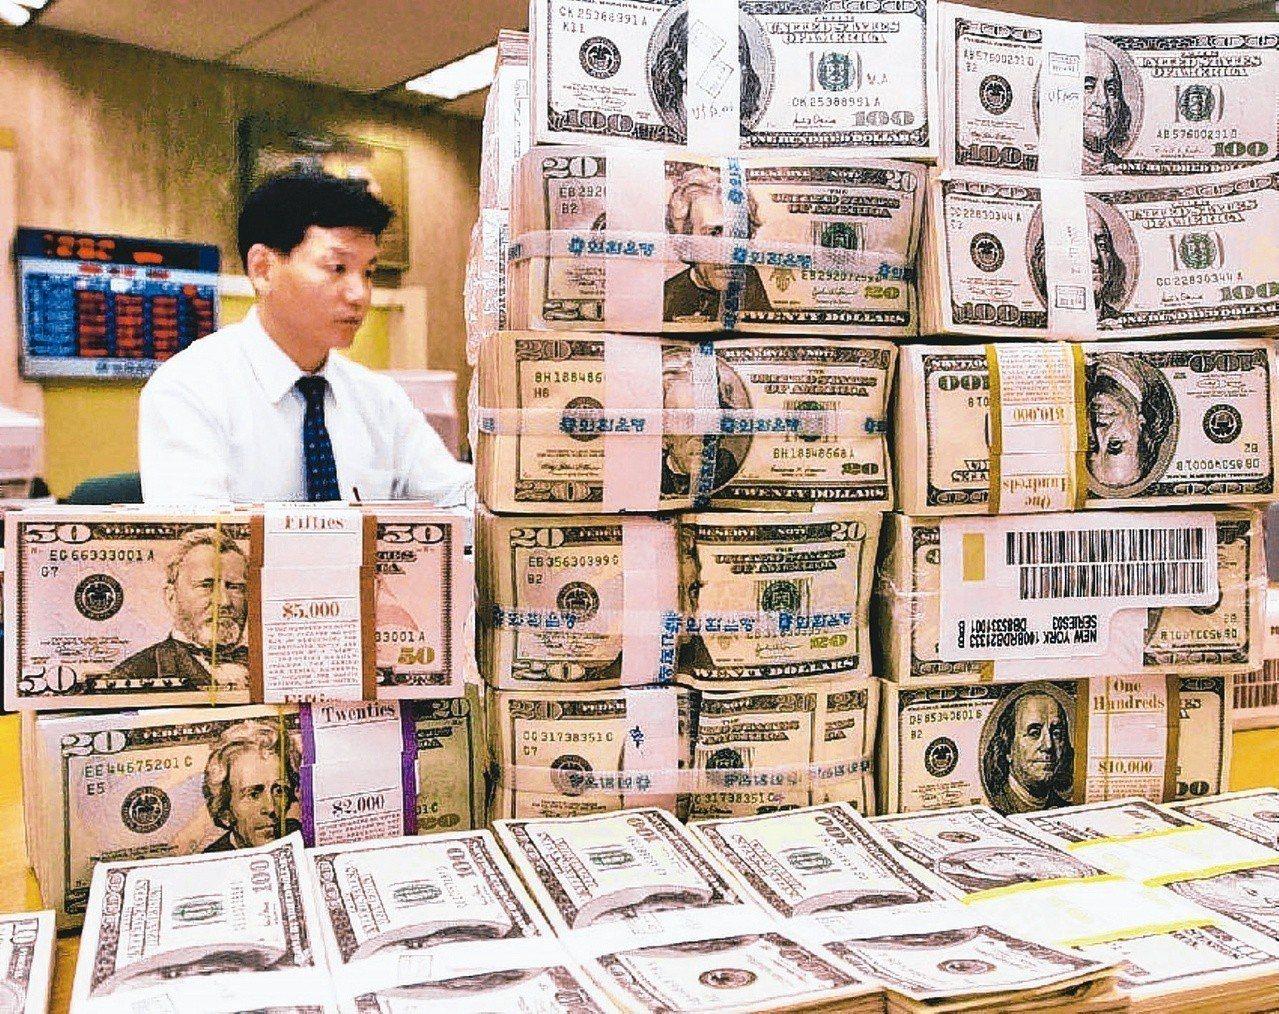 全球反避稅浪潮下,富人將資產留在海外操作及避稅,難度越來越高。圖為南韓銀行行員整...